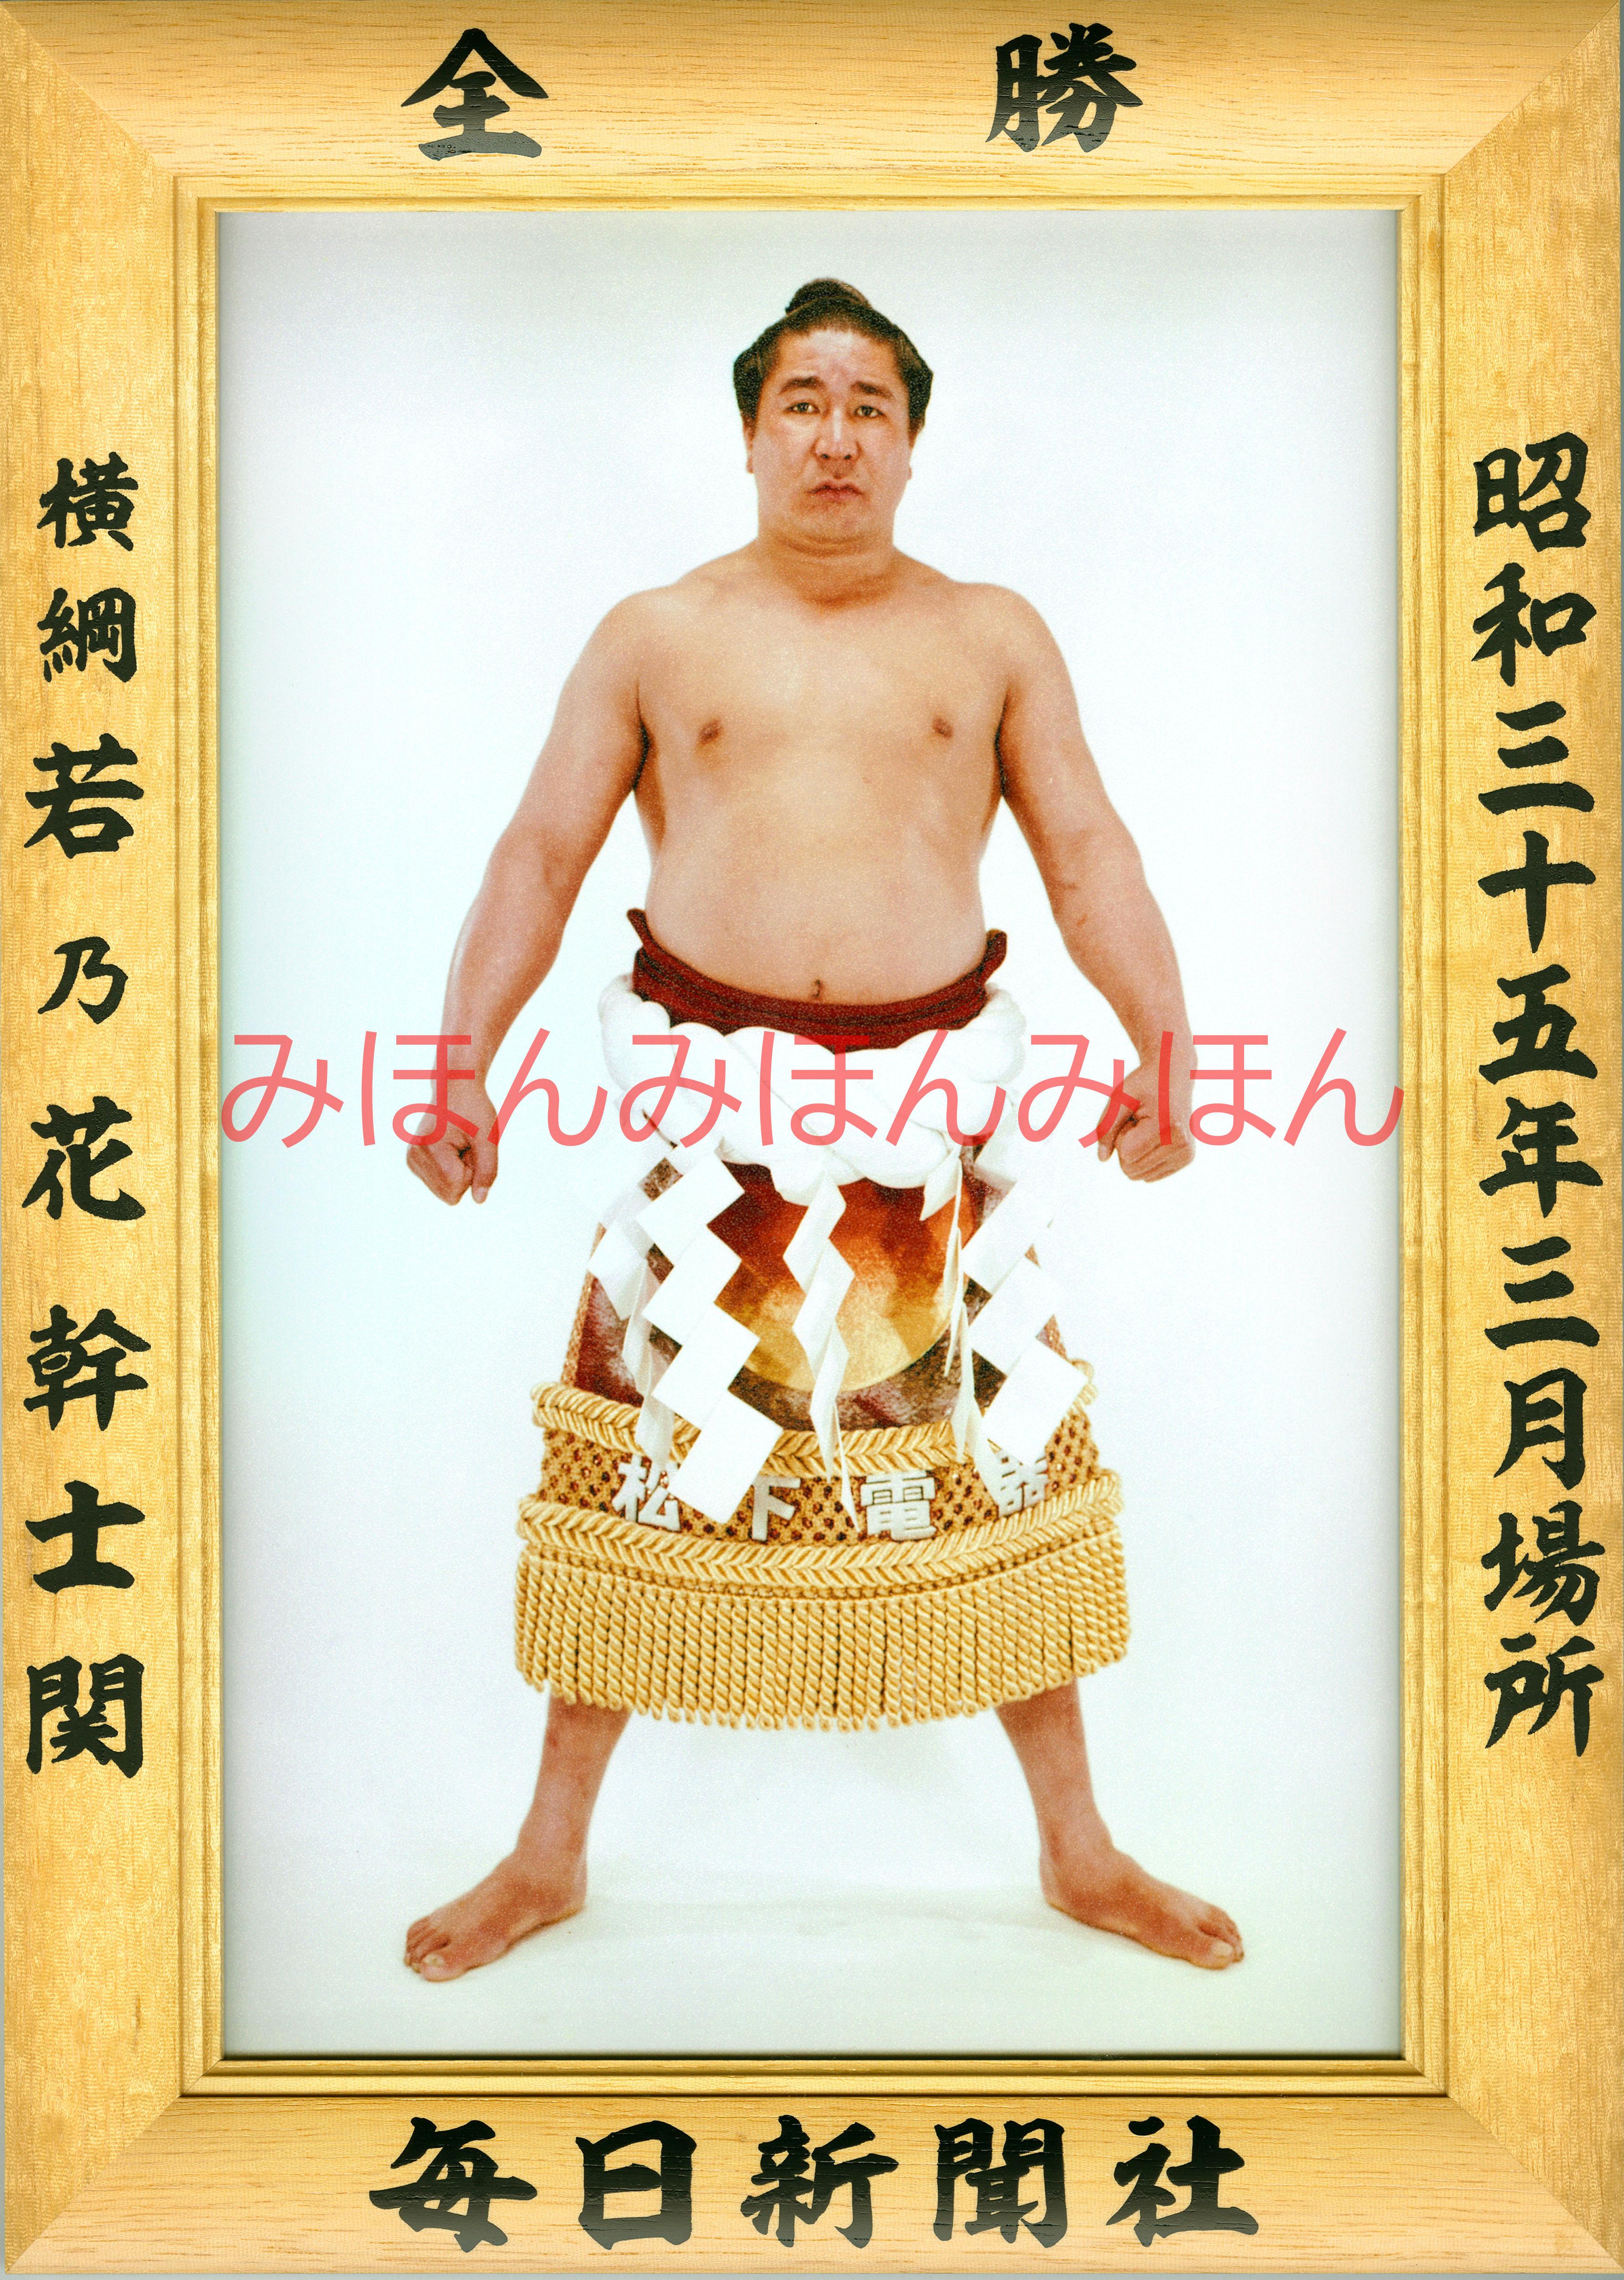 昭和35年3月場所全勝 横綱 若乃花幹士関(8回目の優勝)